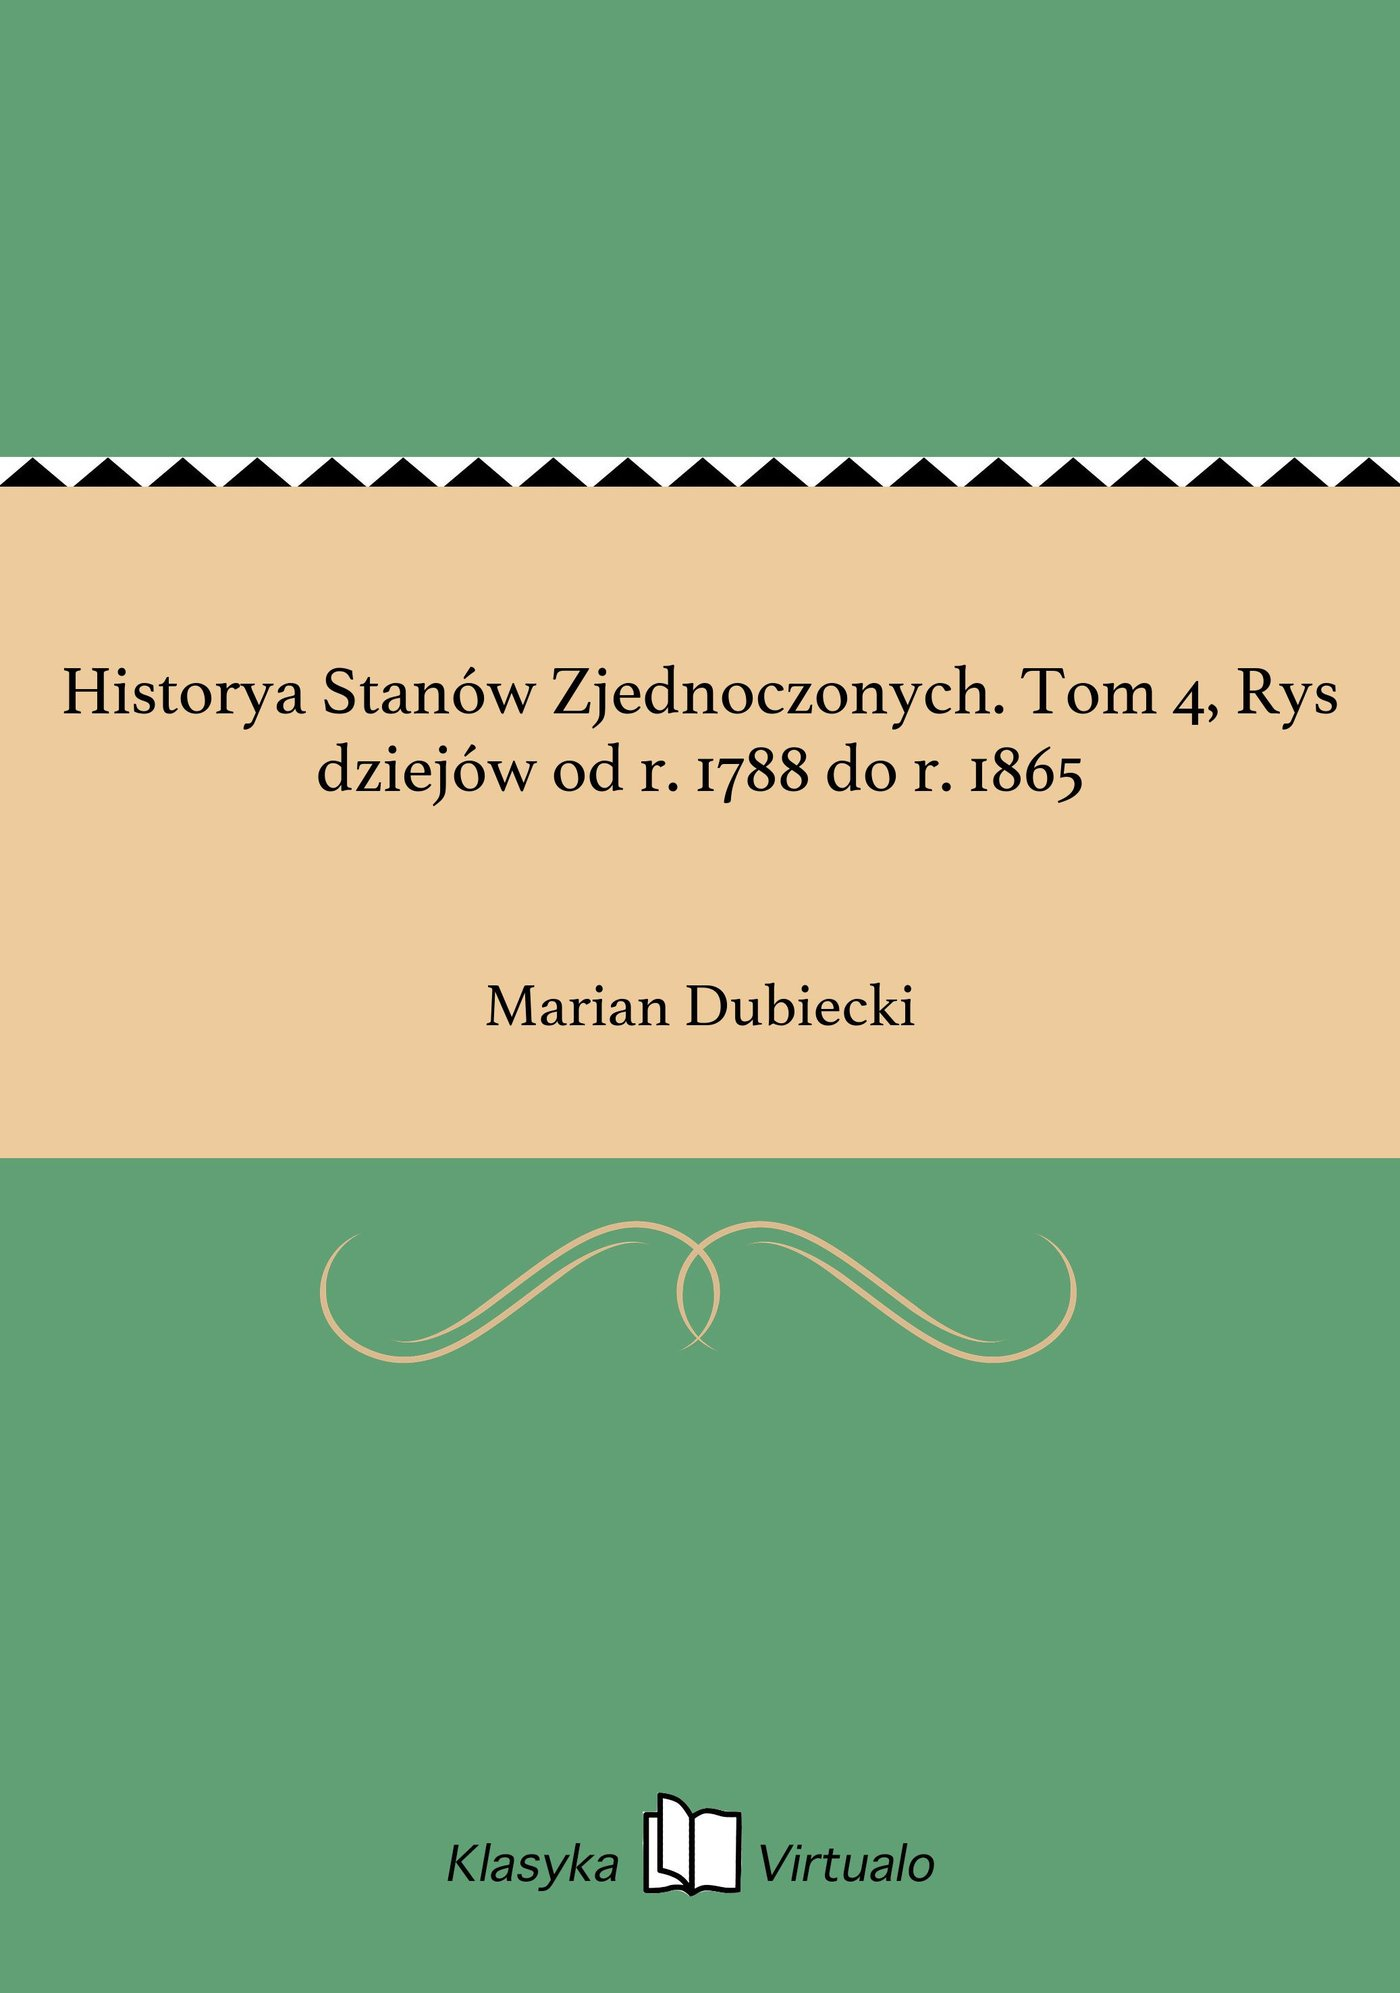 Historya Stanów Zjednoczonych. Tom 4, Rys dziejów od r. 1788 do r. 1865 - Ebook (Książka EPUB) do pobrania w formacie EPUB